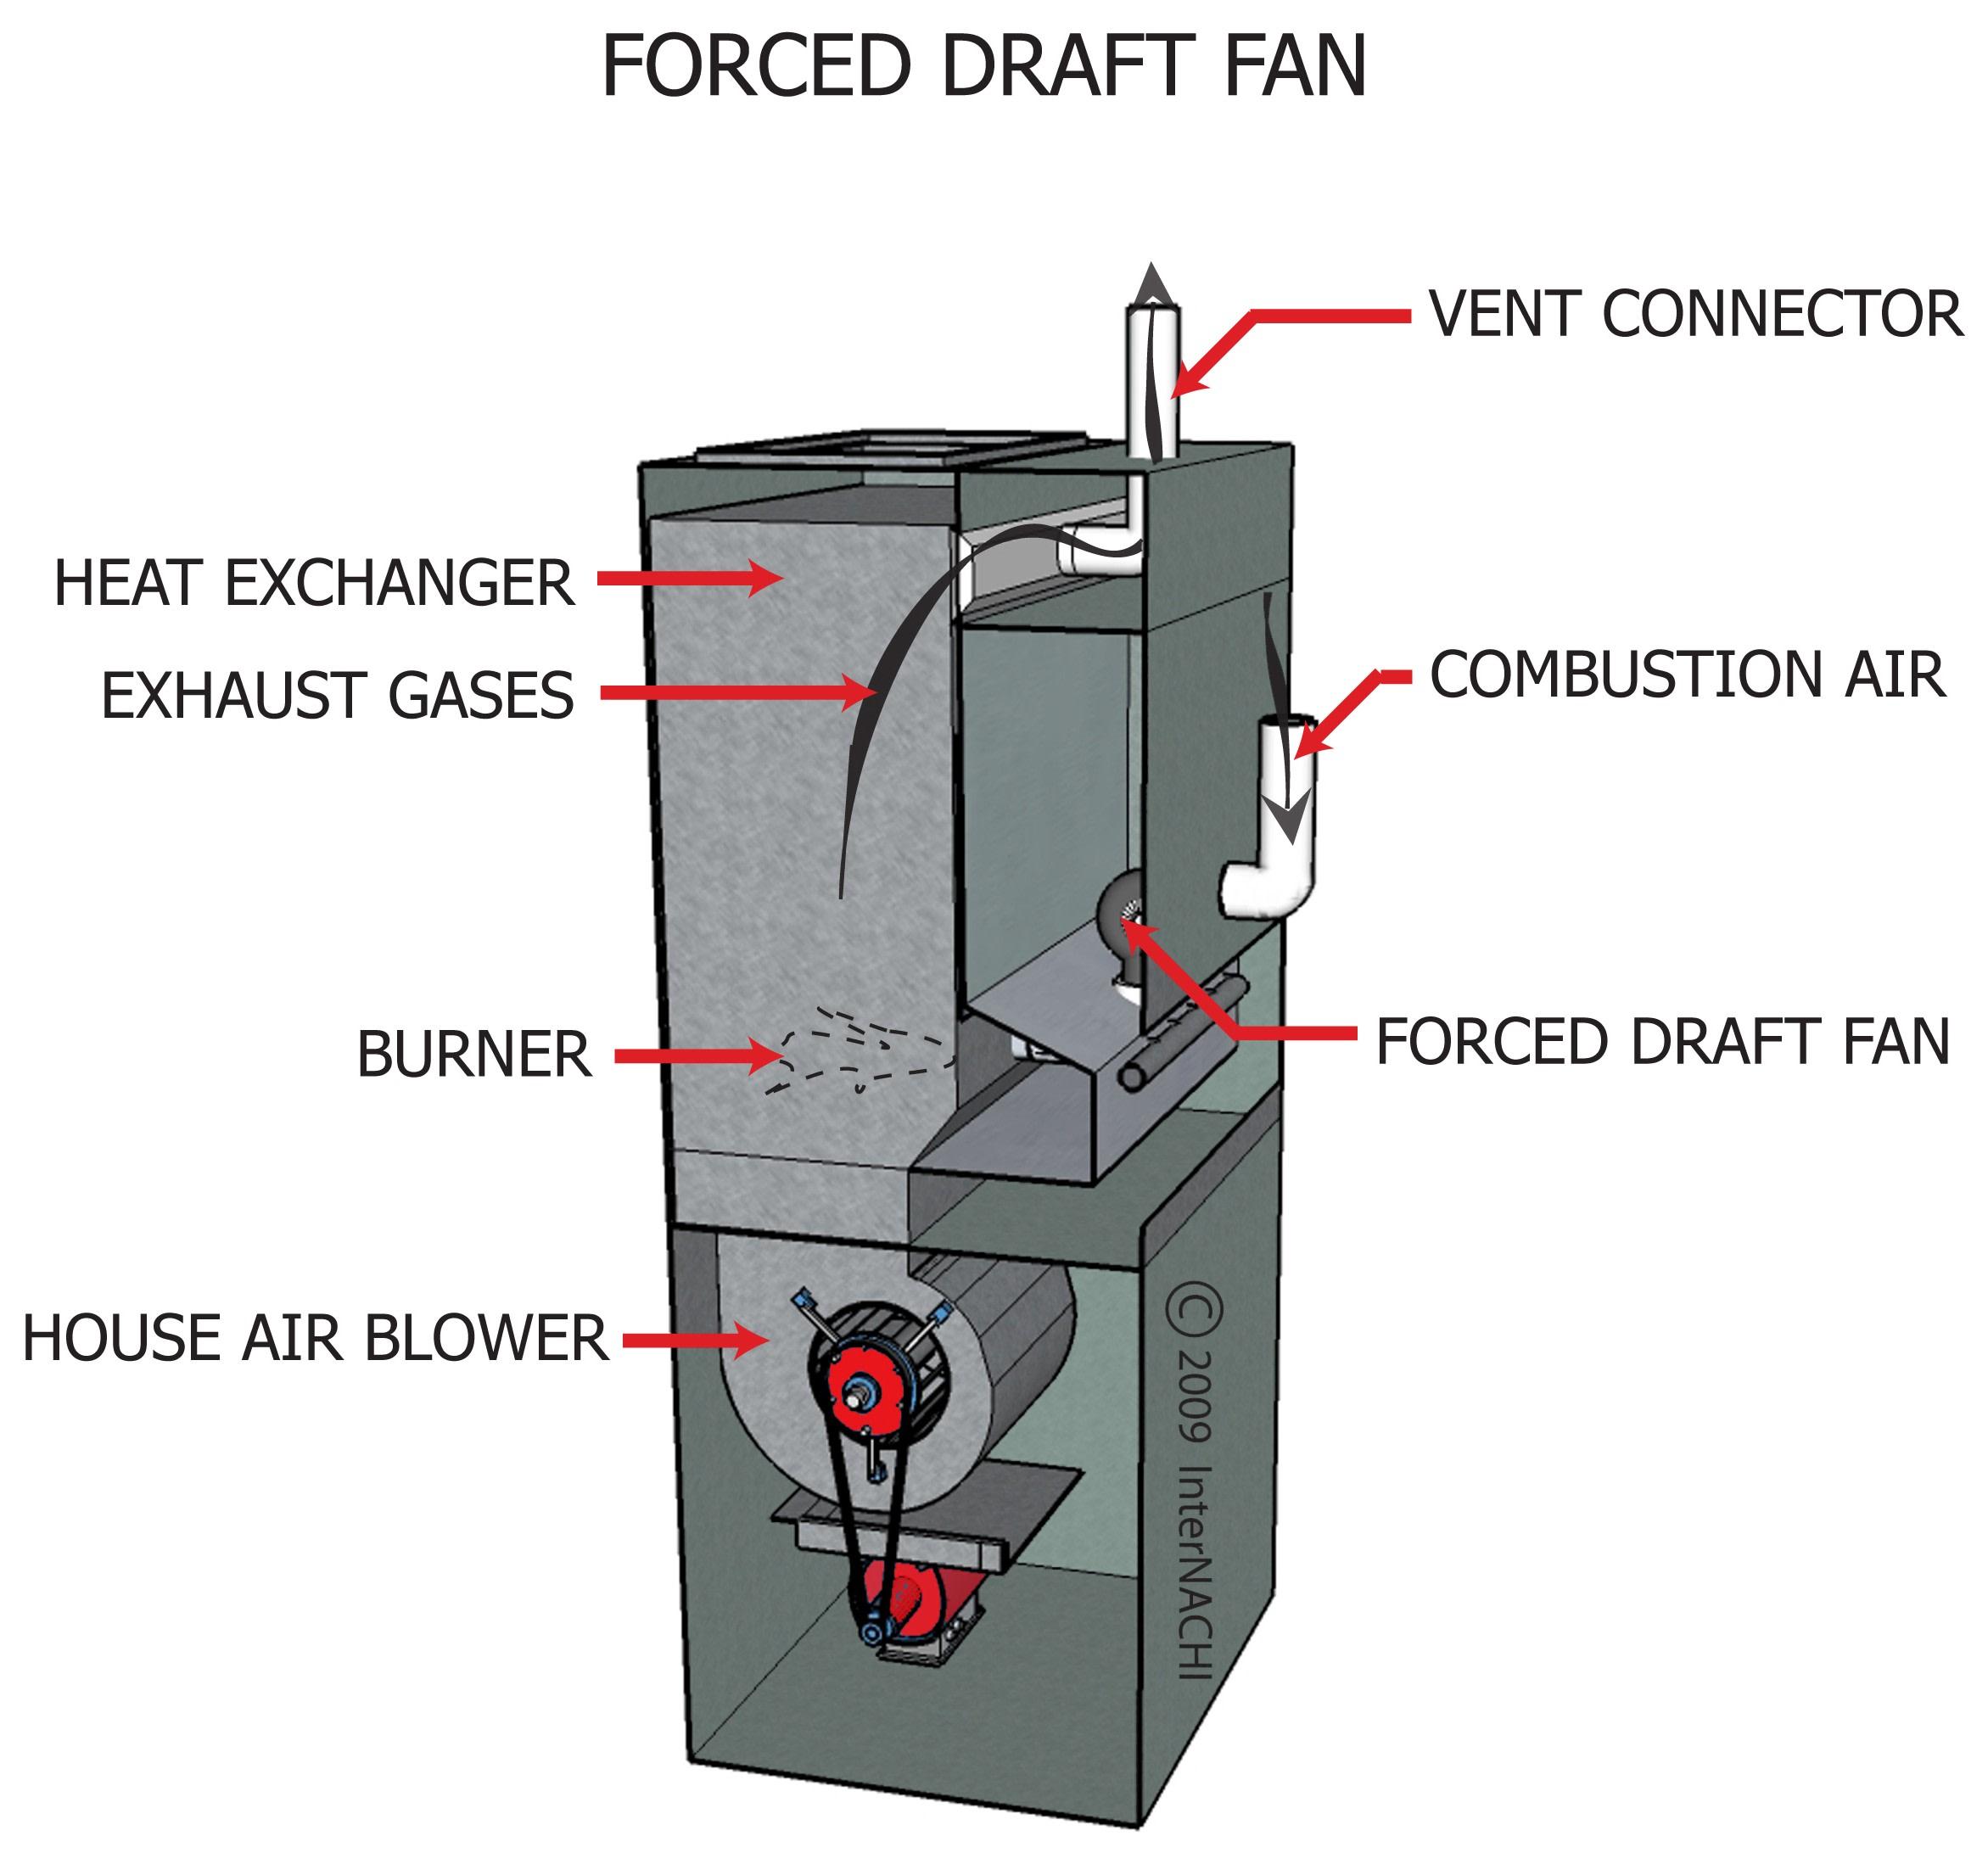 Forced draft fan.